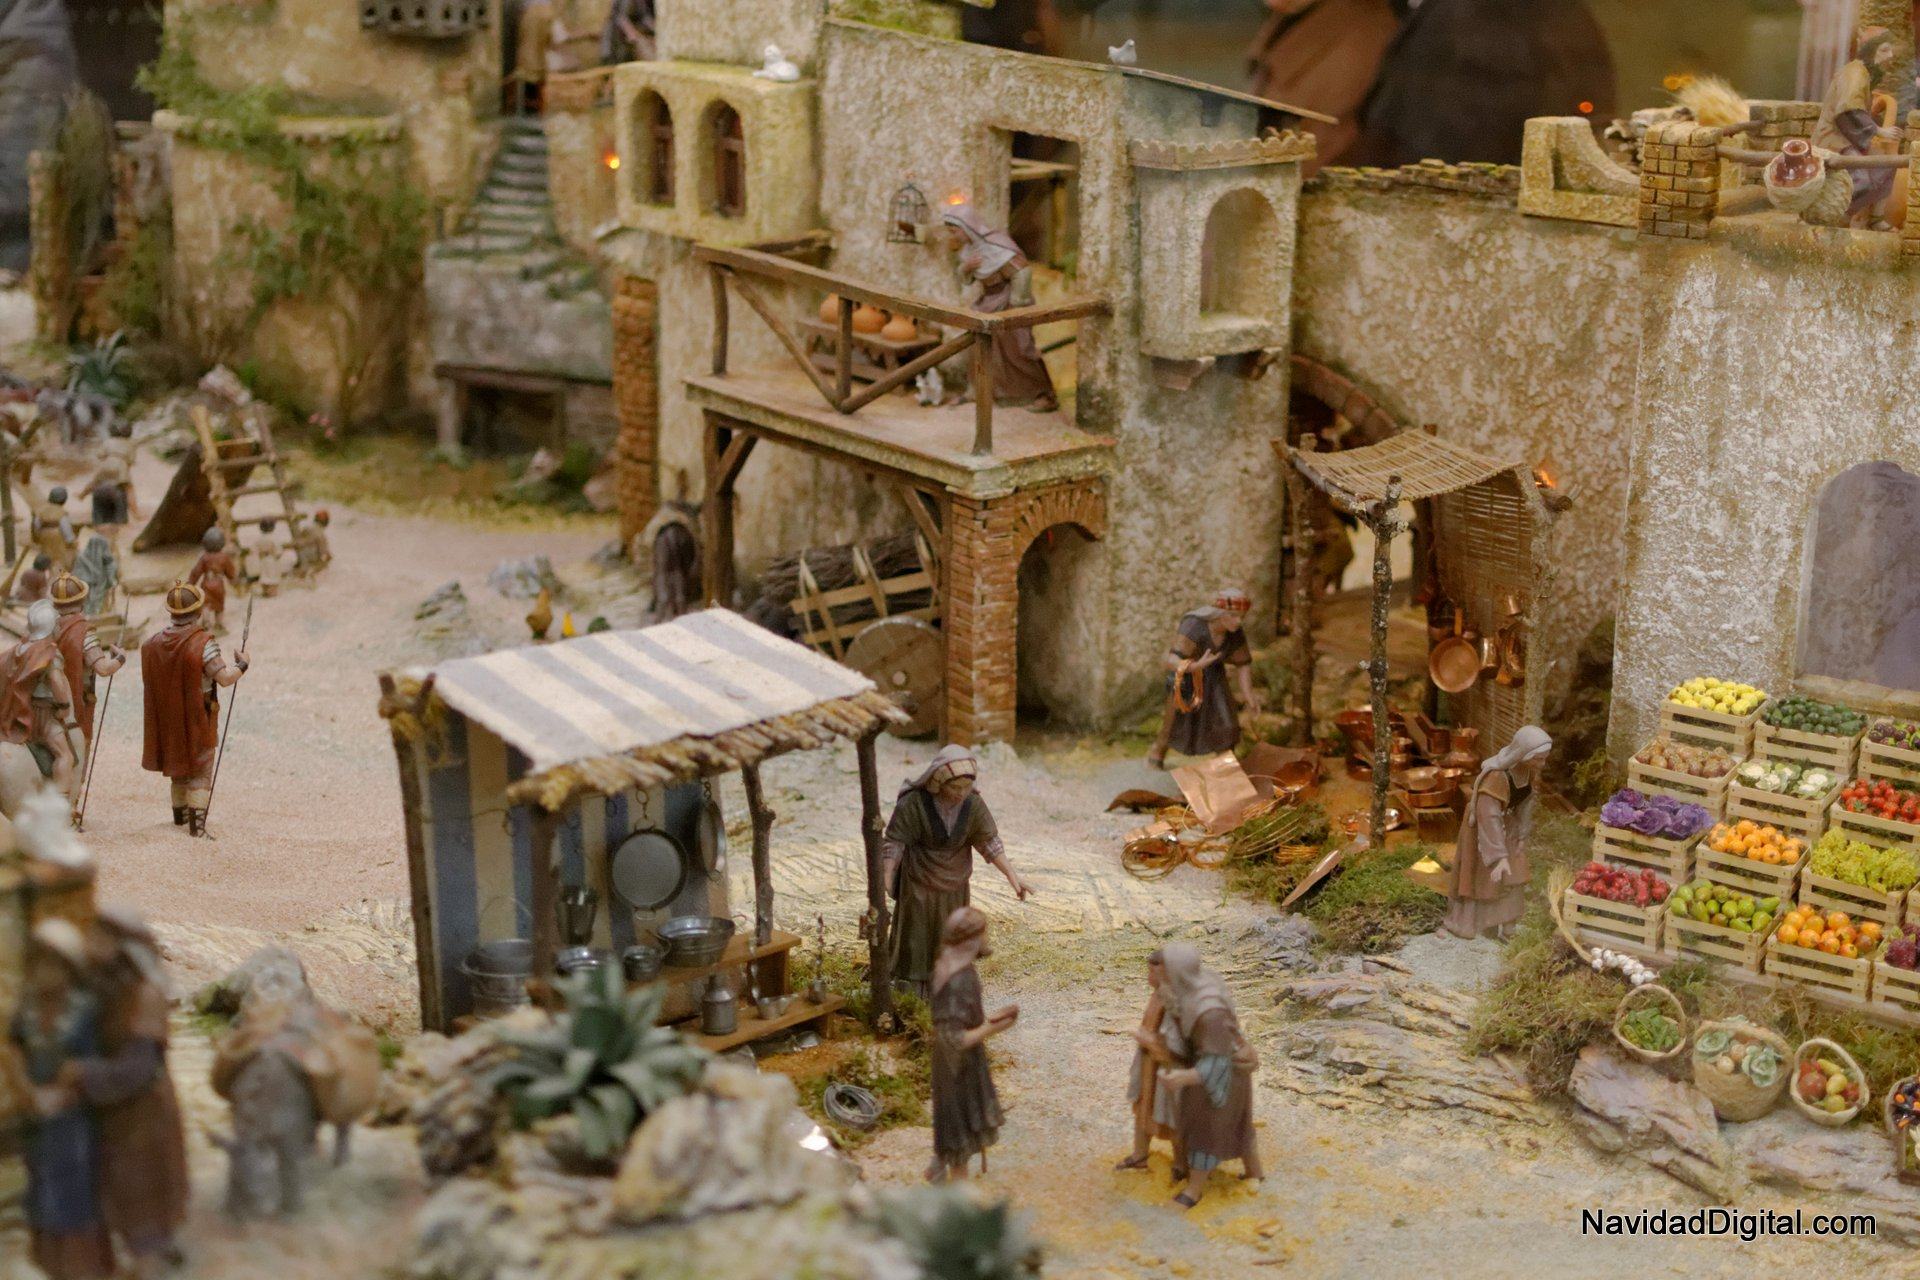 Belén de la Plaza de Salvador Dalí (Madrid, 2013)  El blog de Navidad Digital